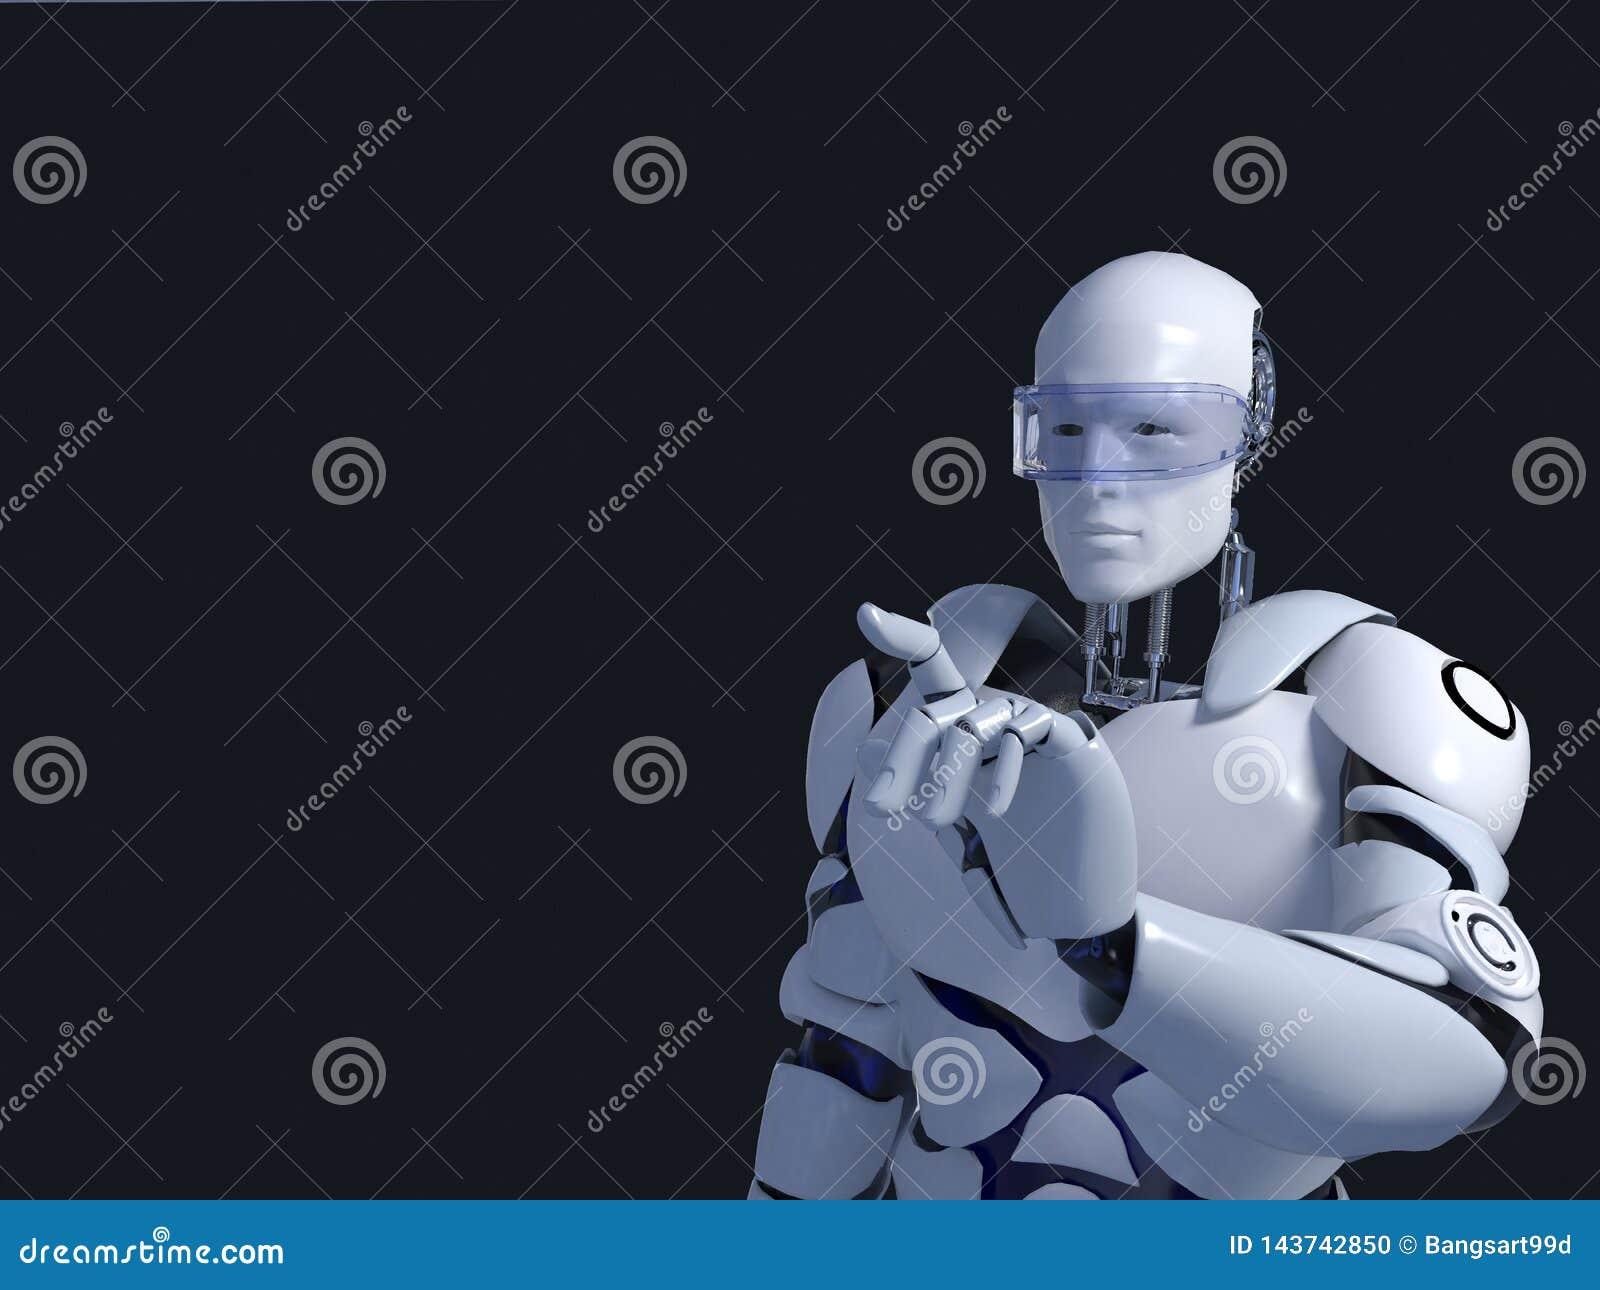 Witte robottechnologie die denkt en inderdaad zijn kin technologie in de toekomst, op een zwarte achtergrond